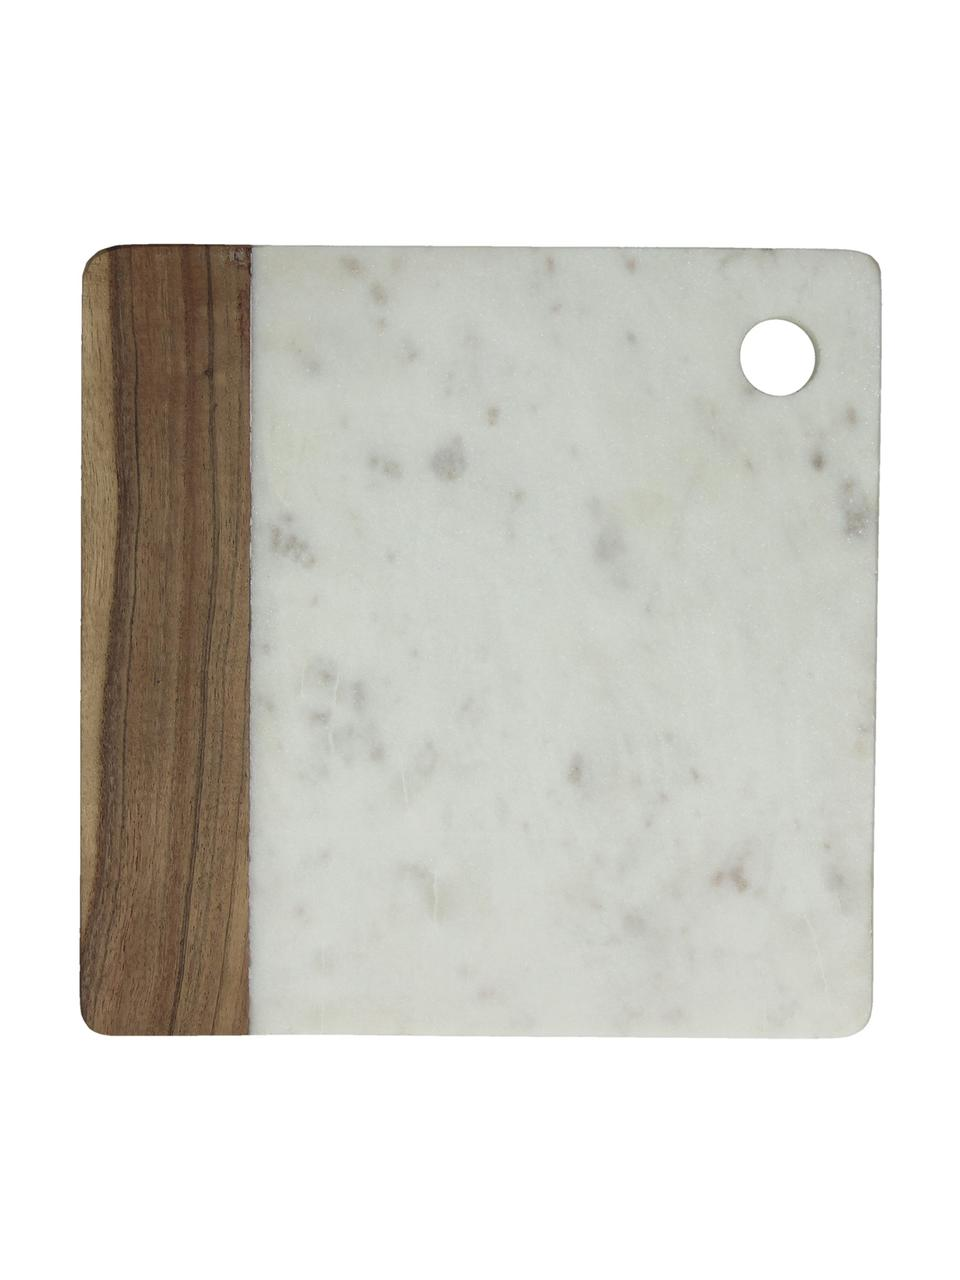 Planche à découper en marbre Idli, 25 x 25cm, Blanc marbré, bois d'acacia